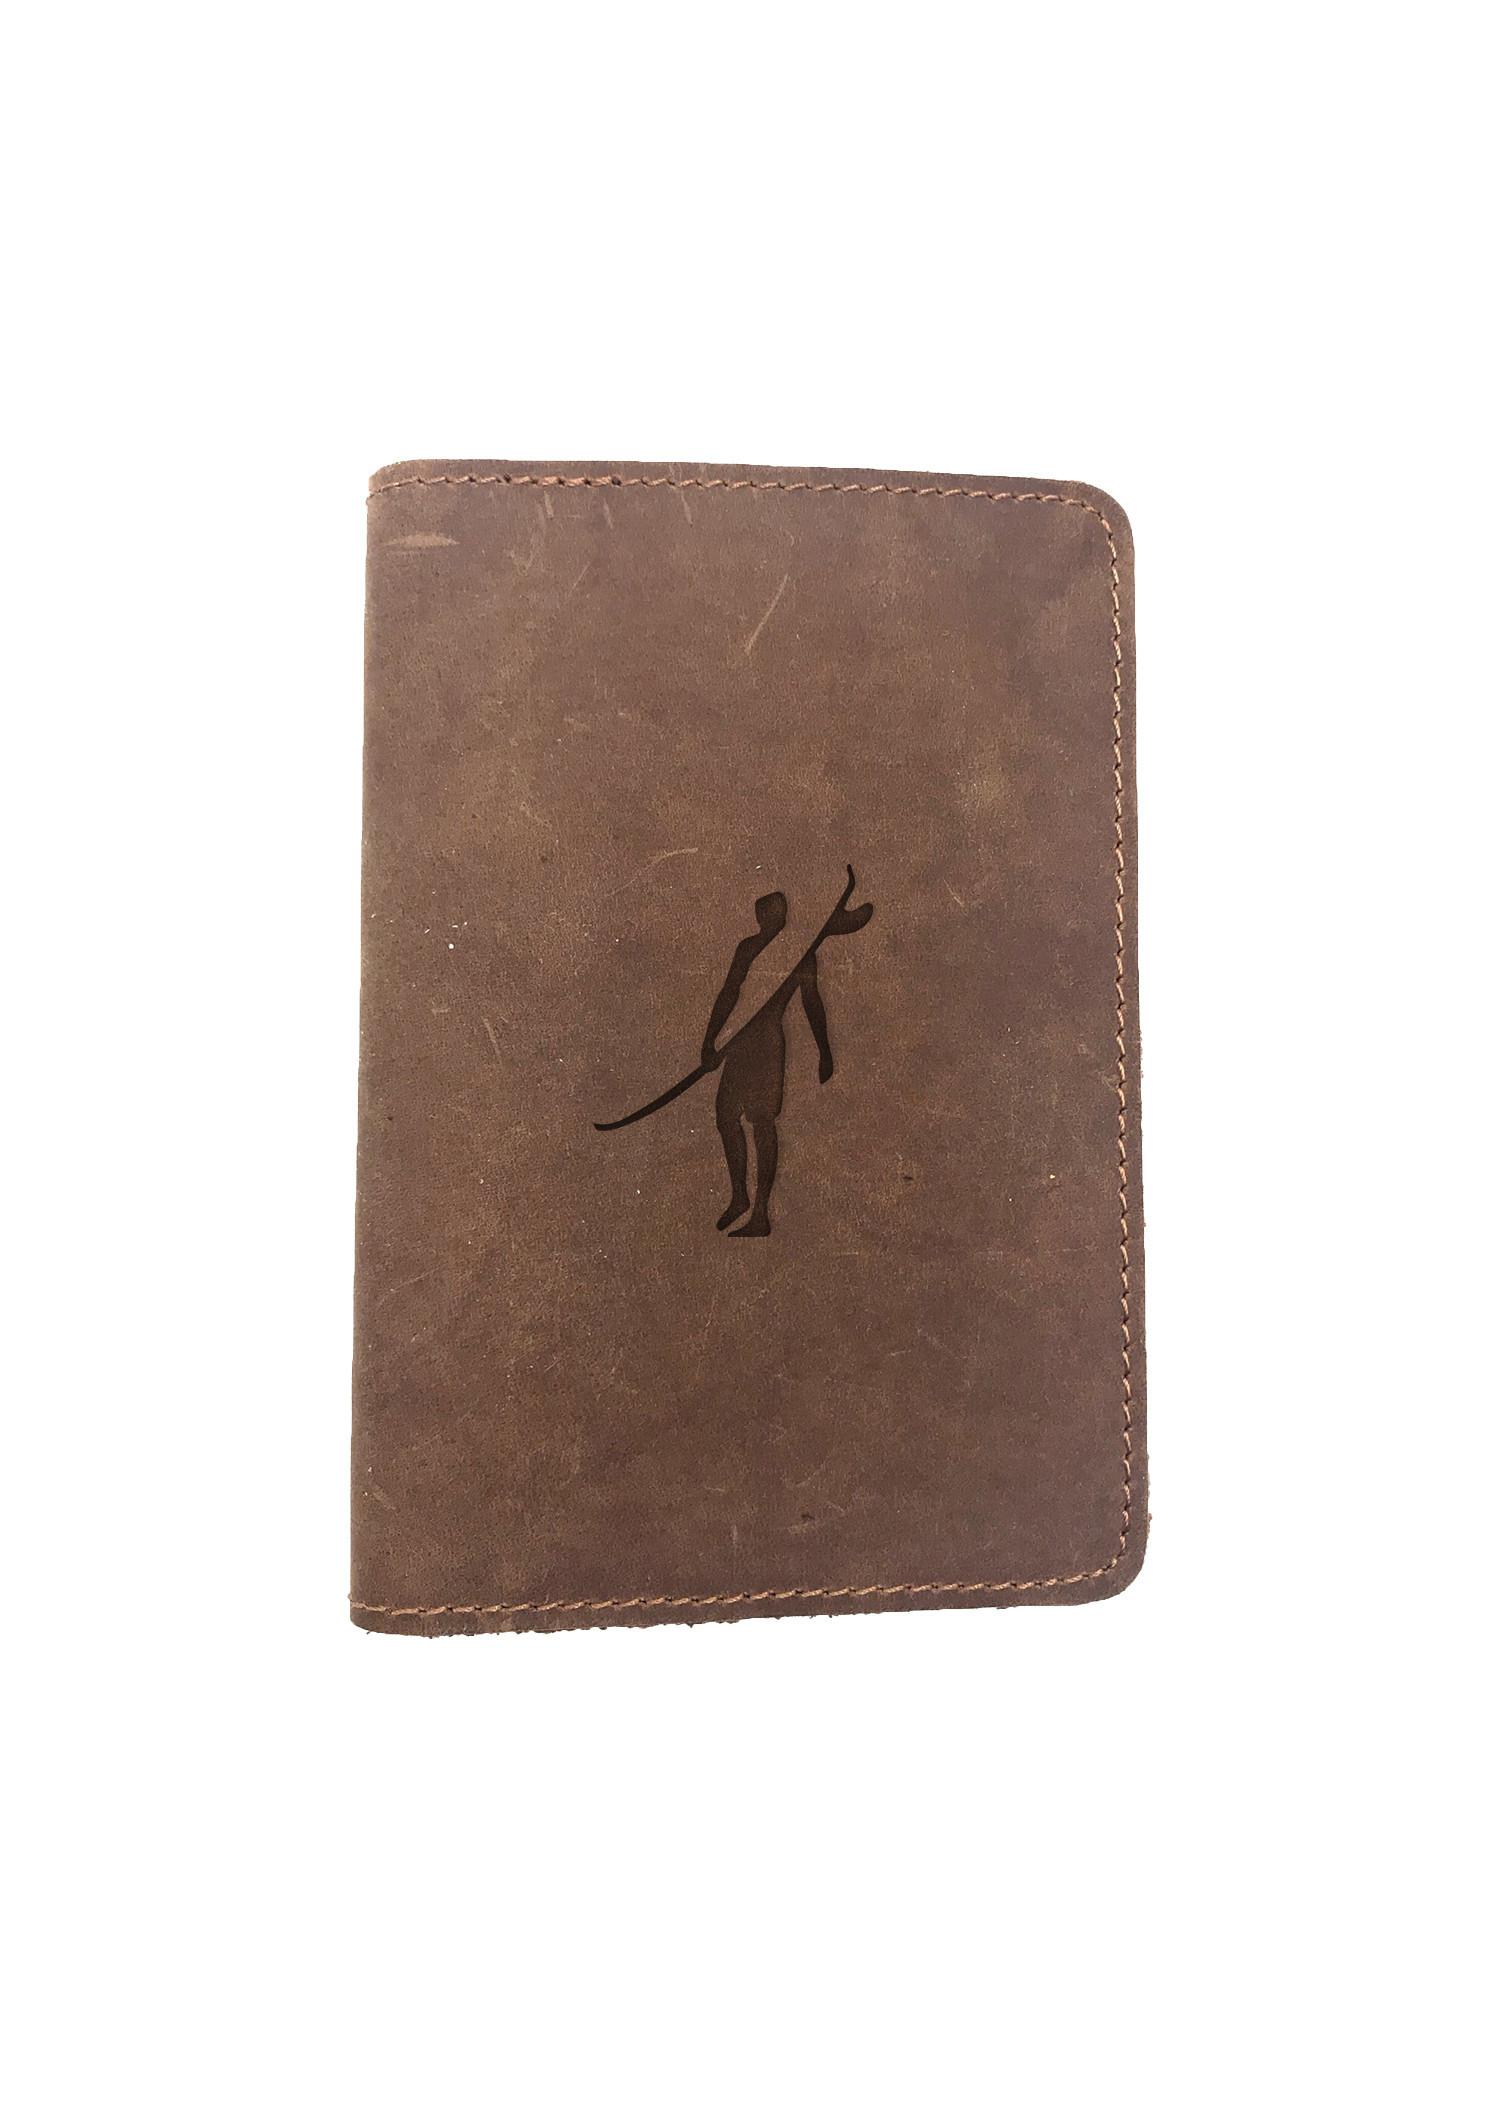 Passport Cover Bao Da Hộ Chiếu Da Sáp Khắc Hình Hình lướt sóng SURFING (BROWN)